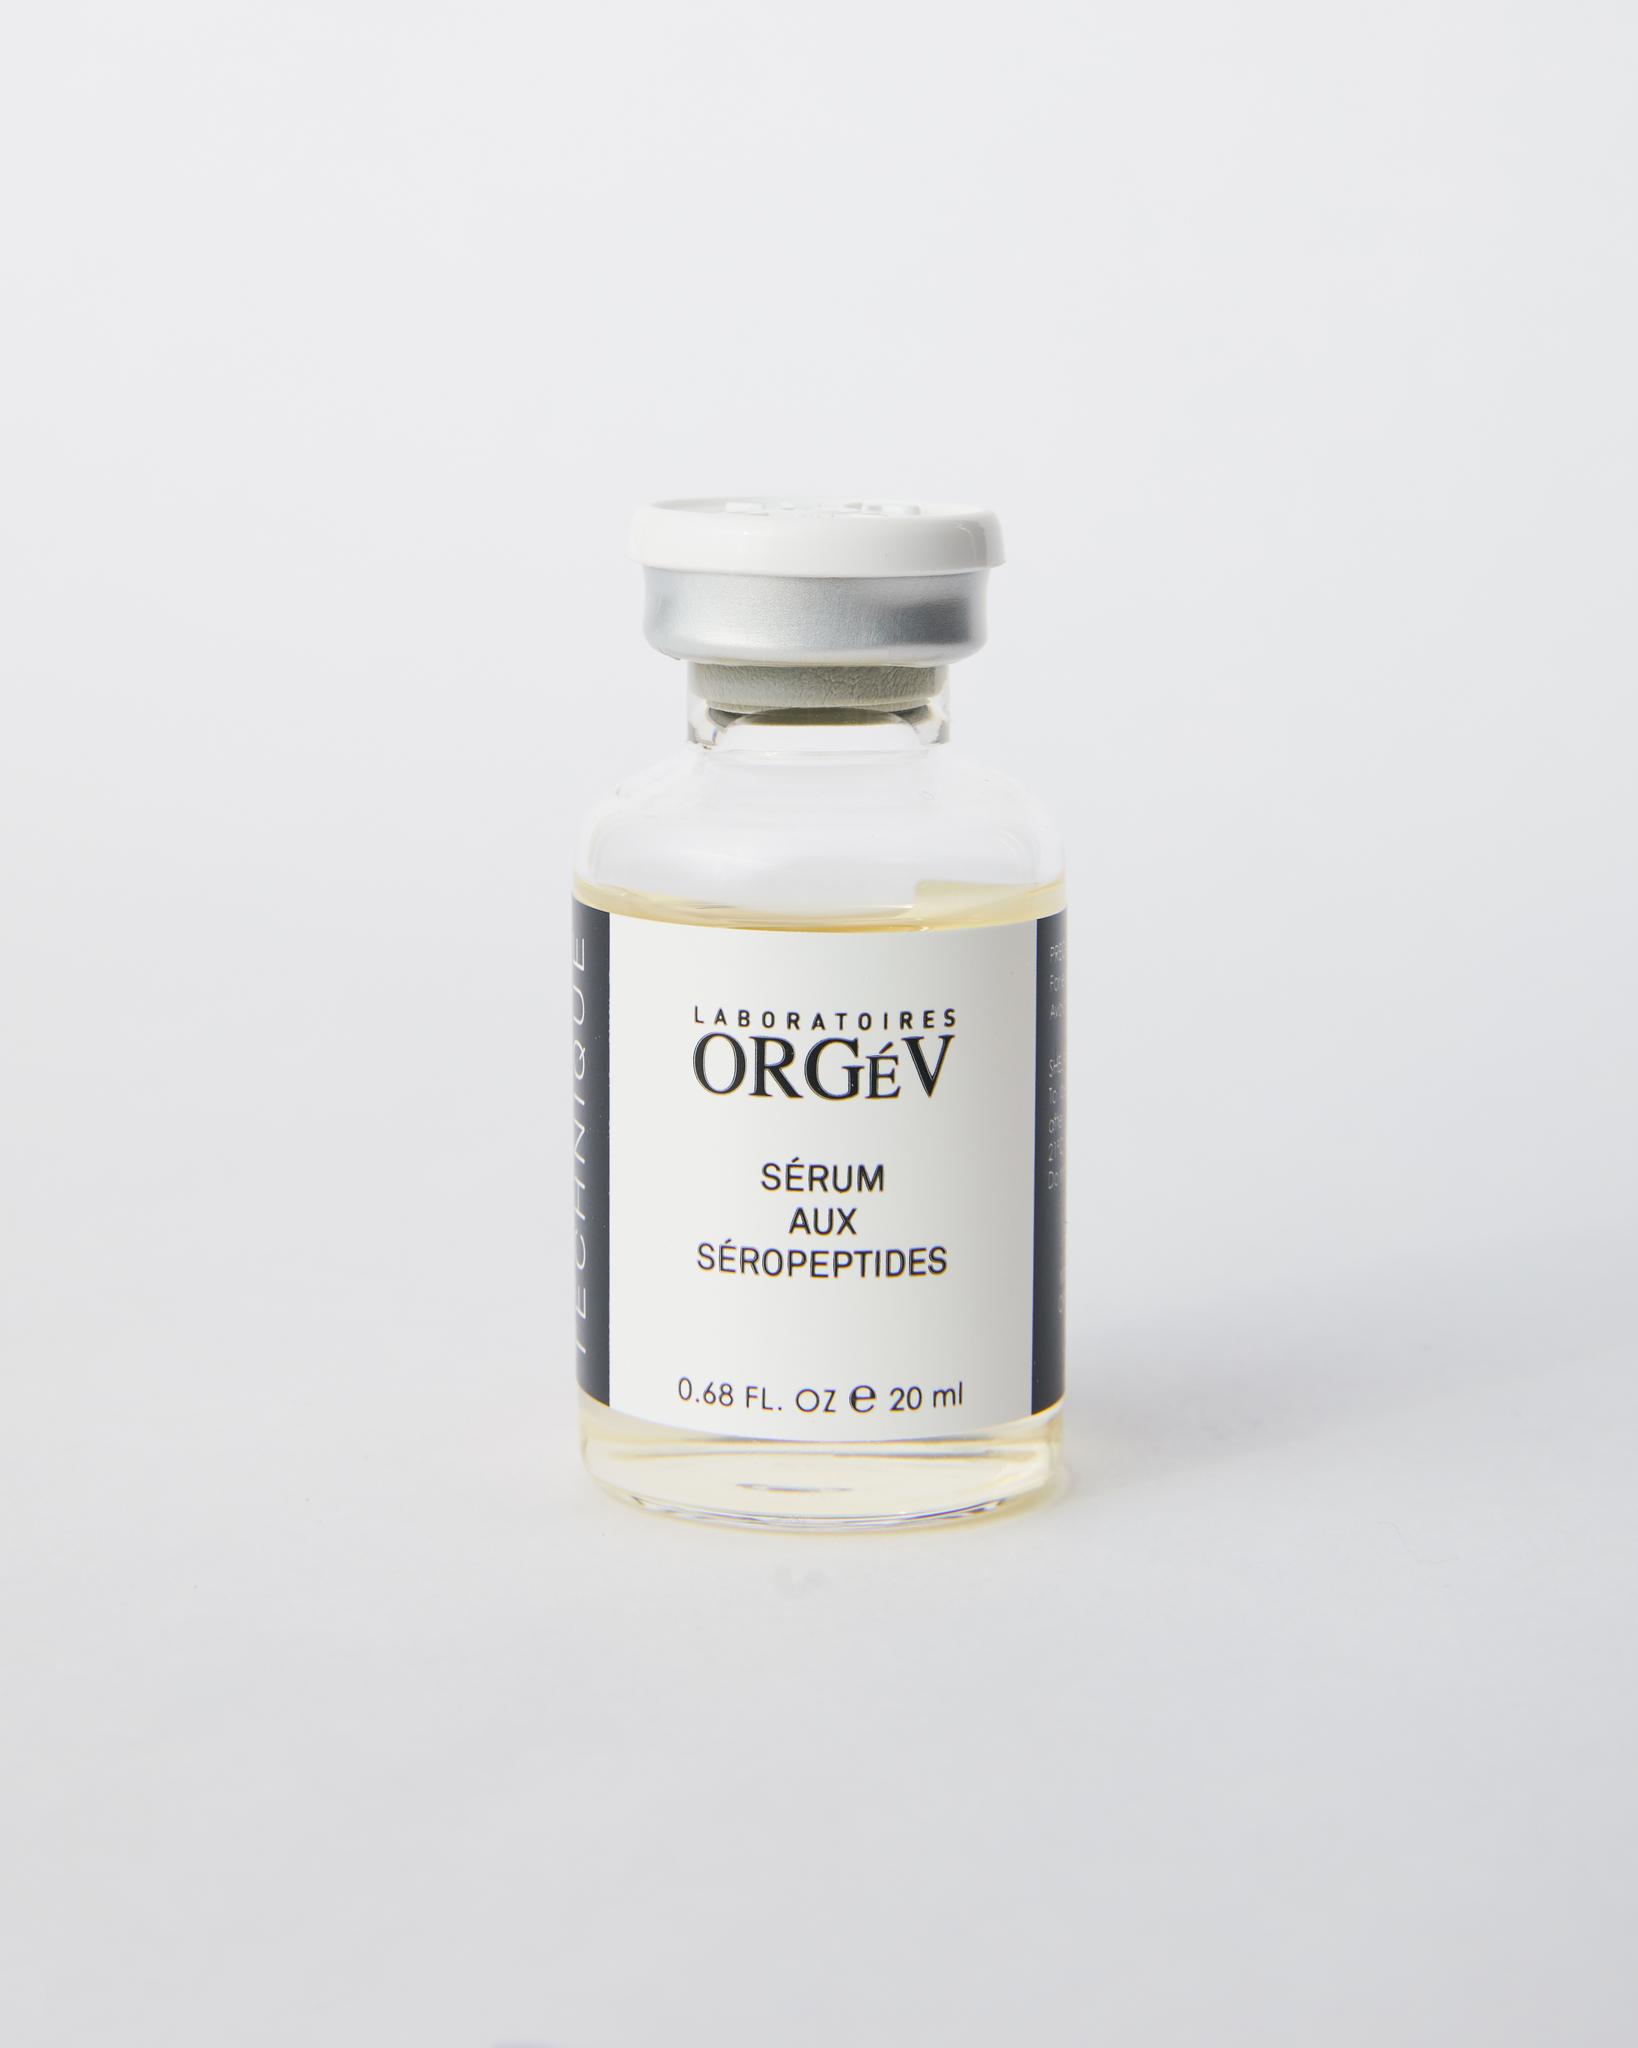 Сыворотка с серопептидами ORGéV SERUM 20 мл